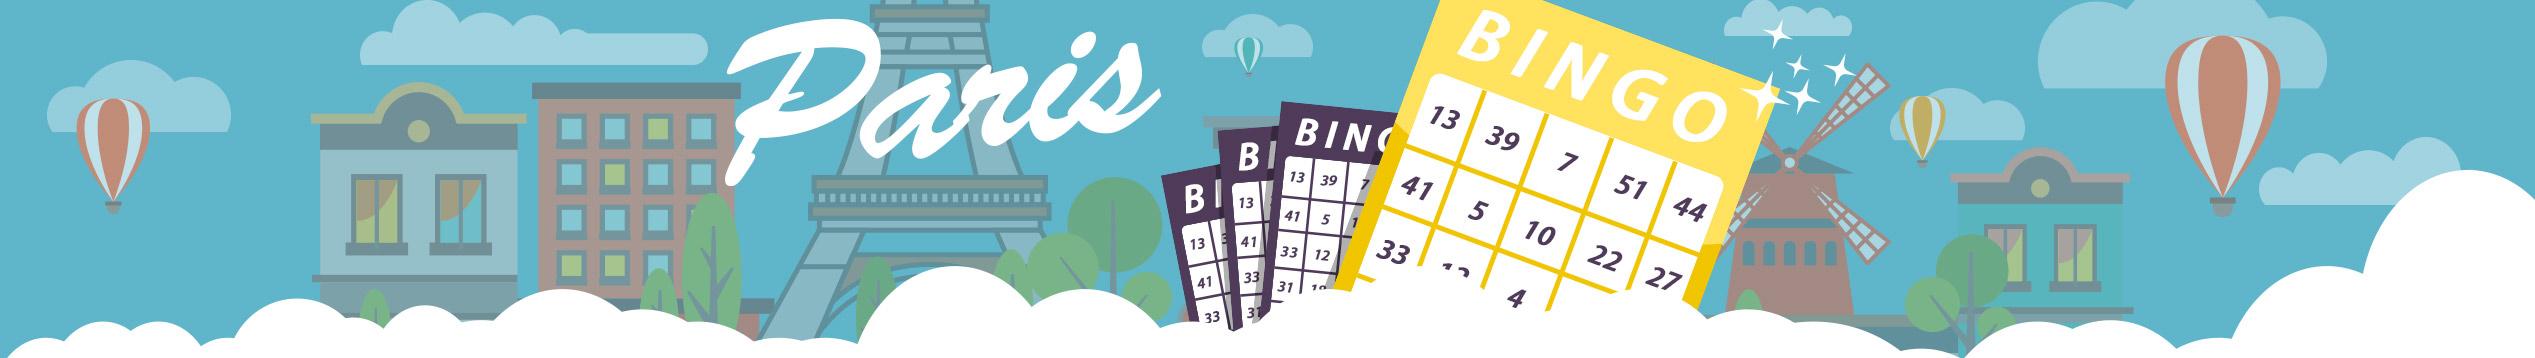 Köp 3 bingobrickor och få 1 gratis!